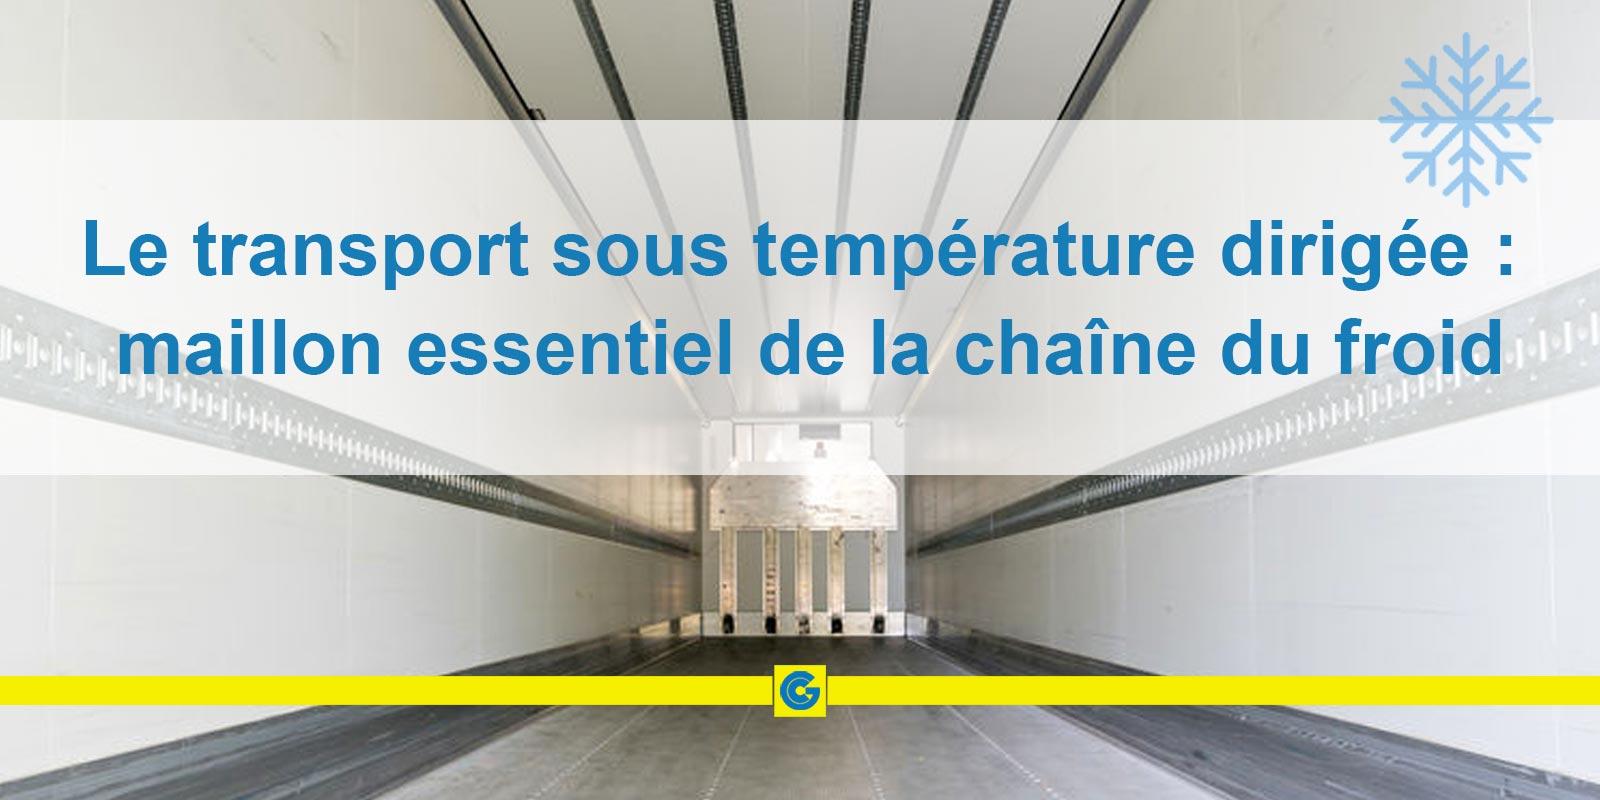 Transport sous température dirigée: conservation garantie